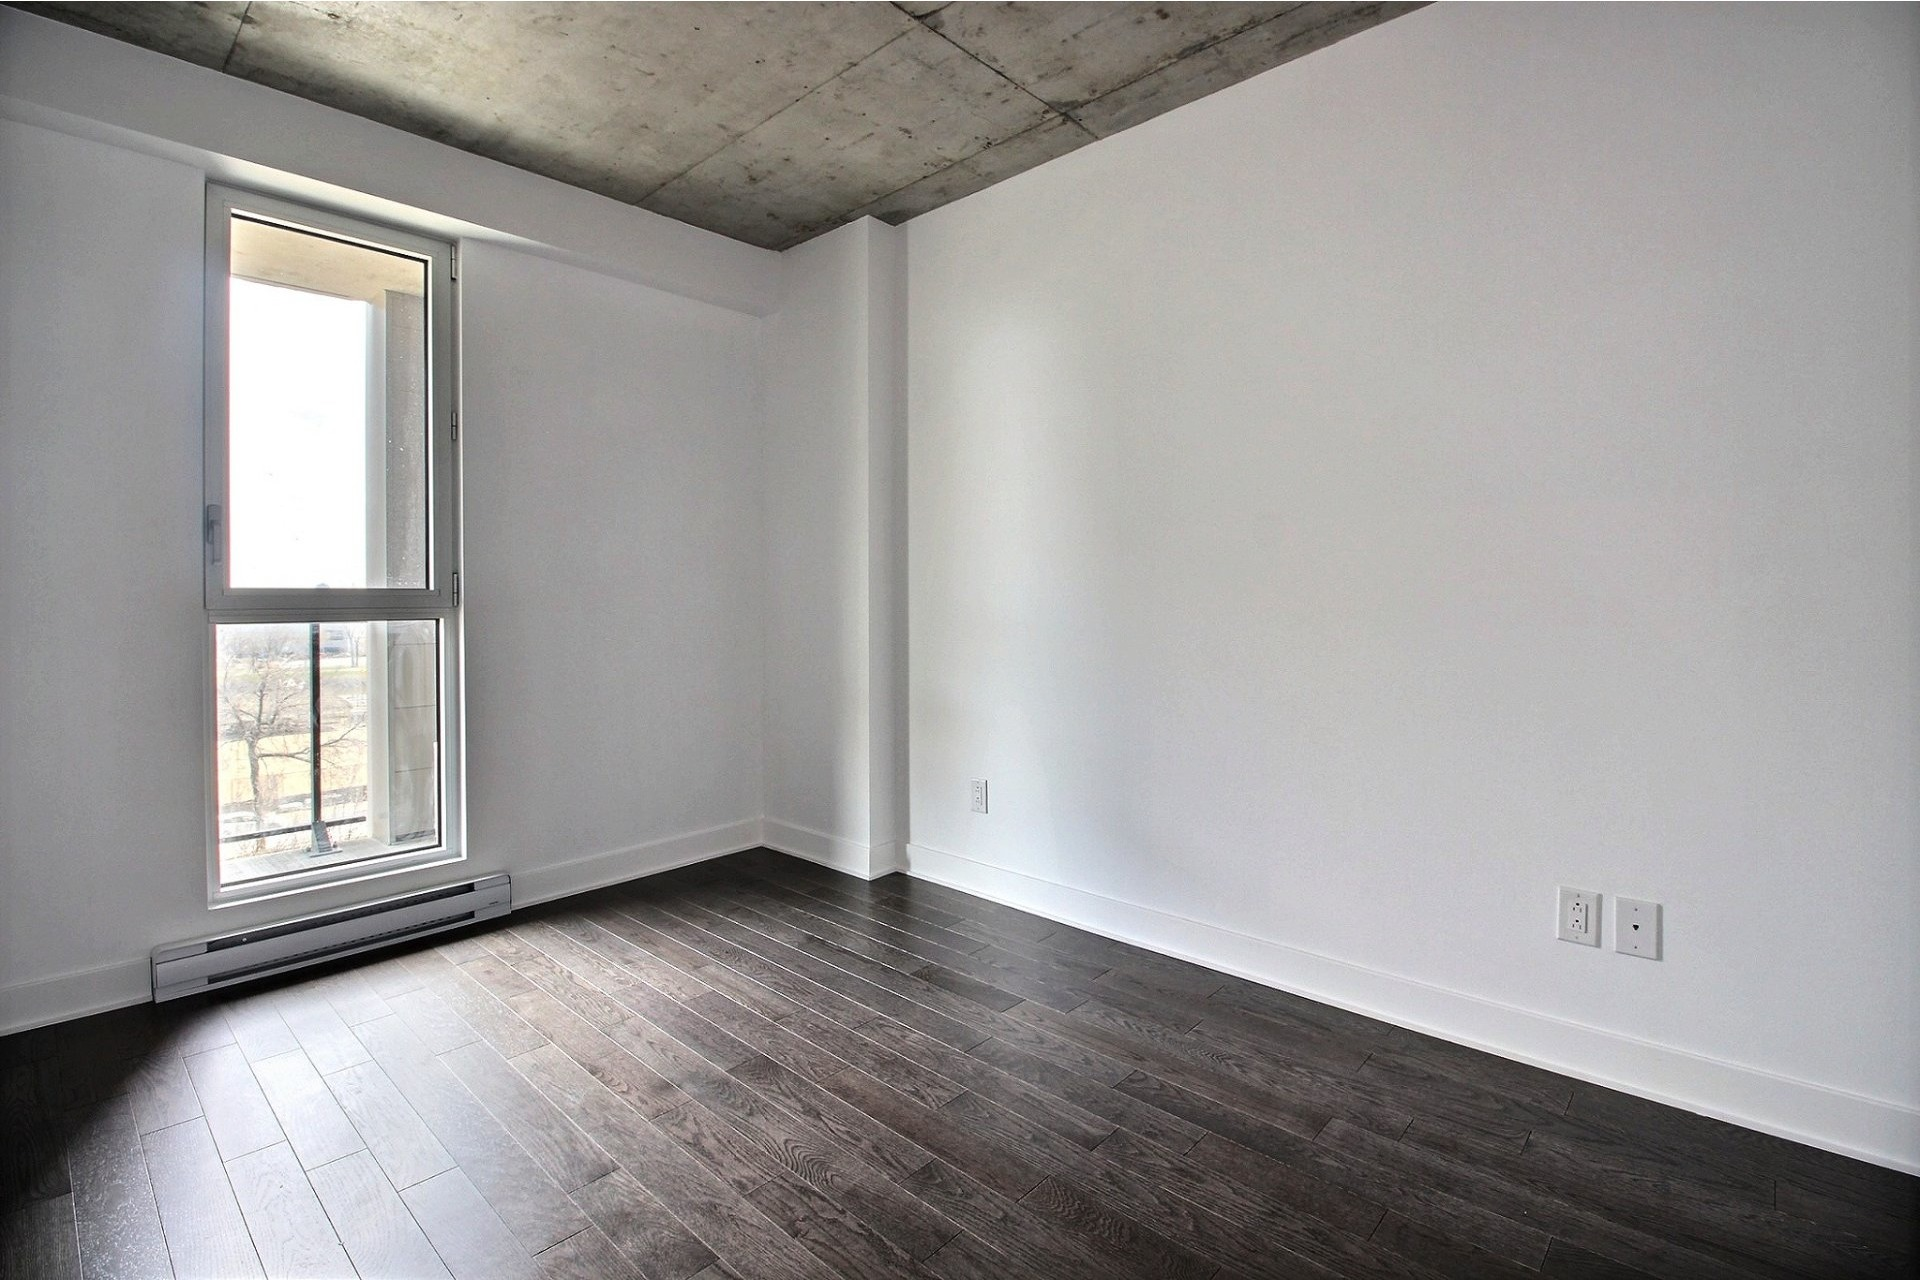 image 8 - Apartment For rent Montréal Le Sud-Ouest  - 4 rooms